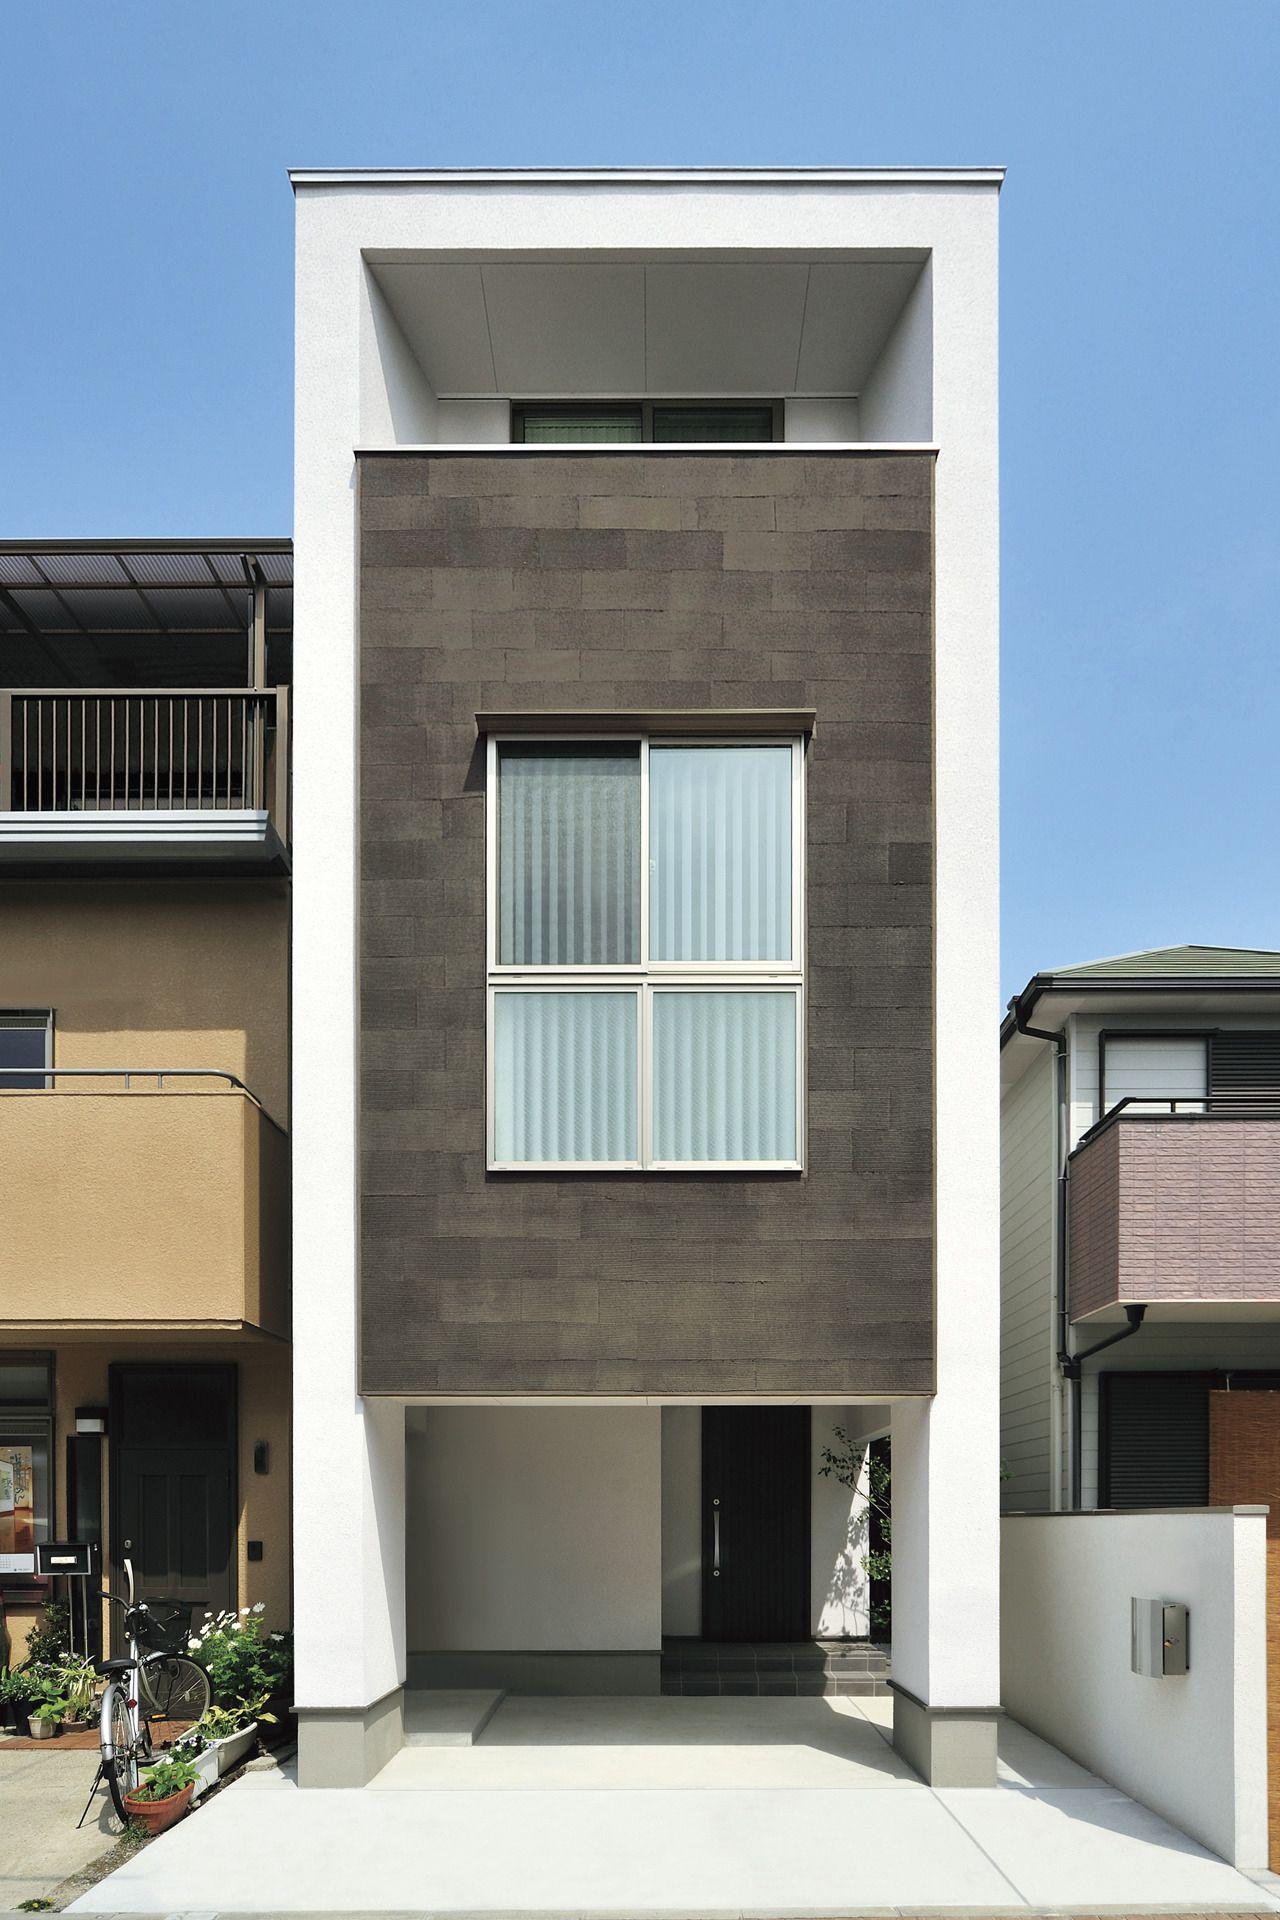 すっきりとしたラインと 回遊式のキッチンで広く住む家 実例紹介